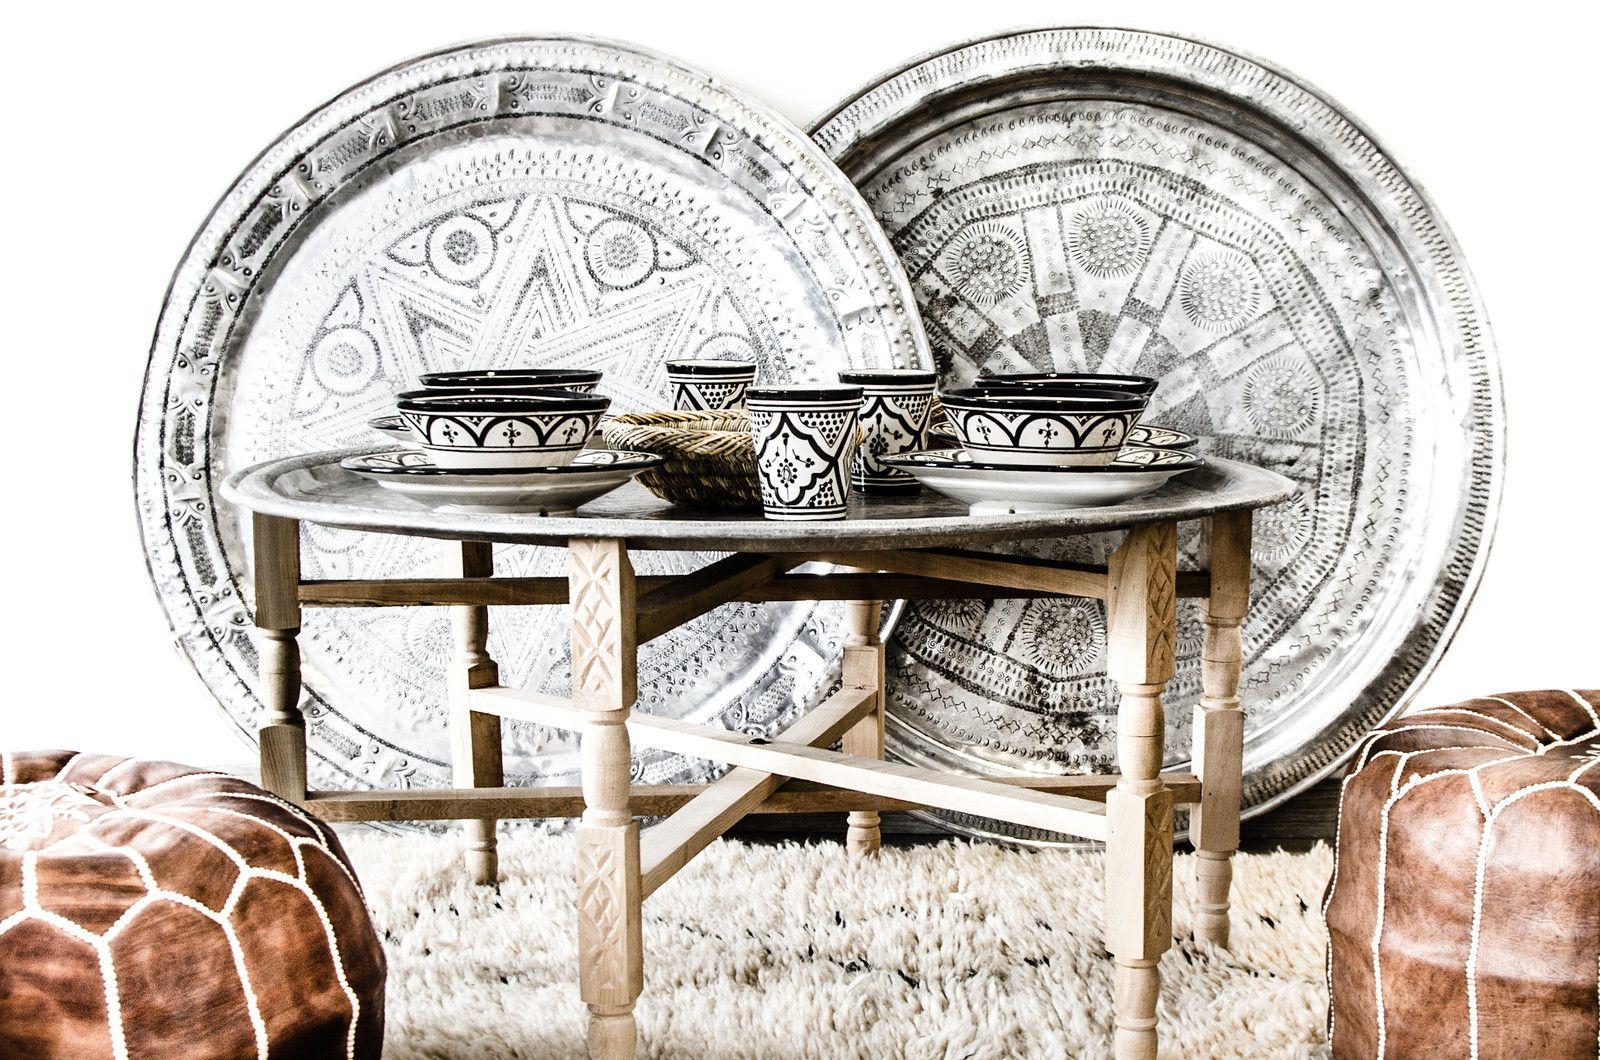 Marokkolaiset tarjottimet ja lautaset ovat kauden hittituote. #etuovisisustus #trendi #marokko